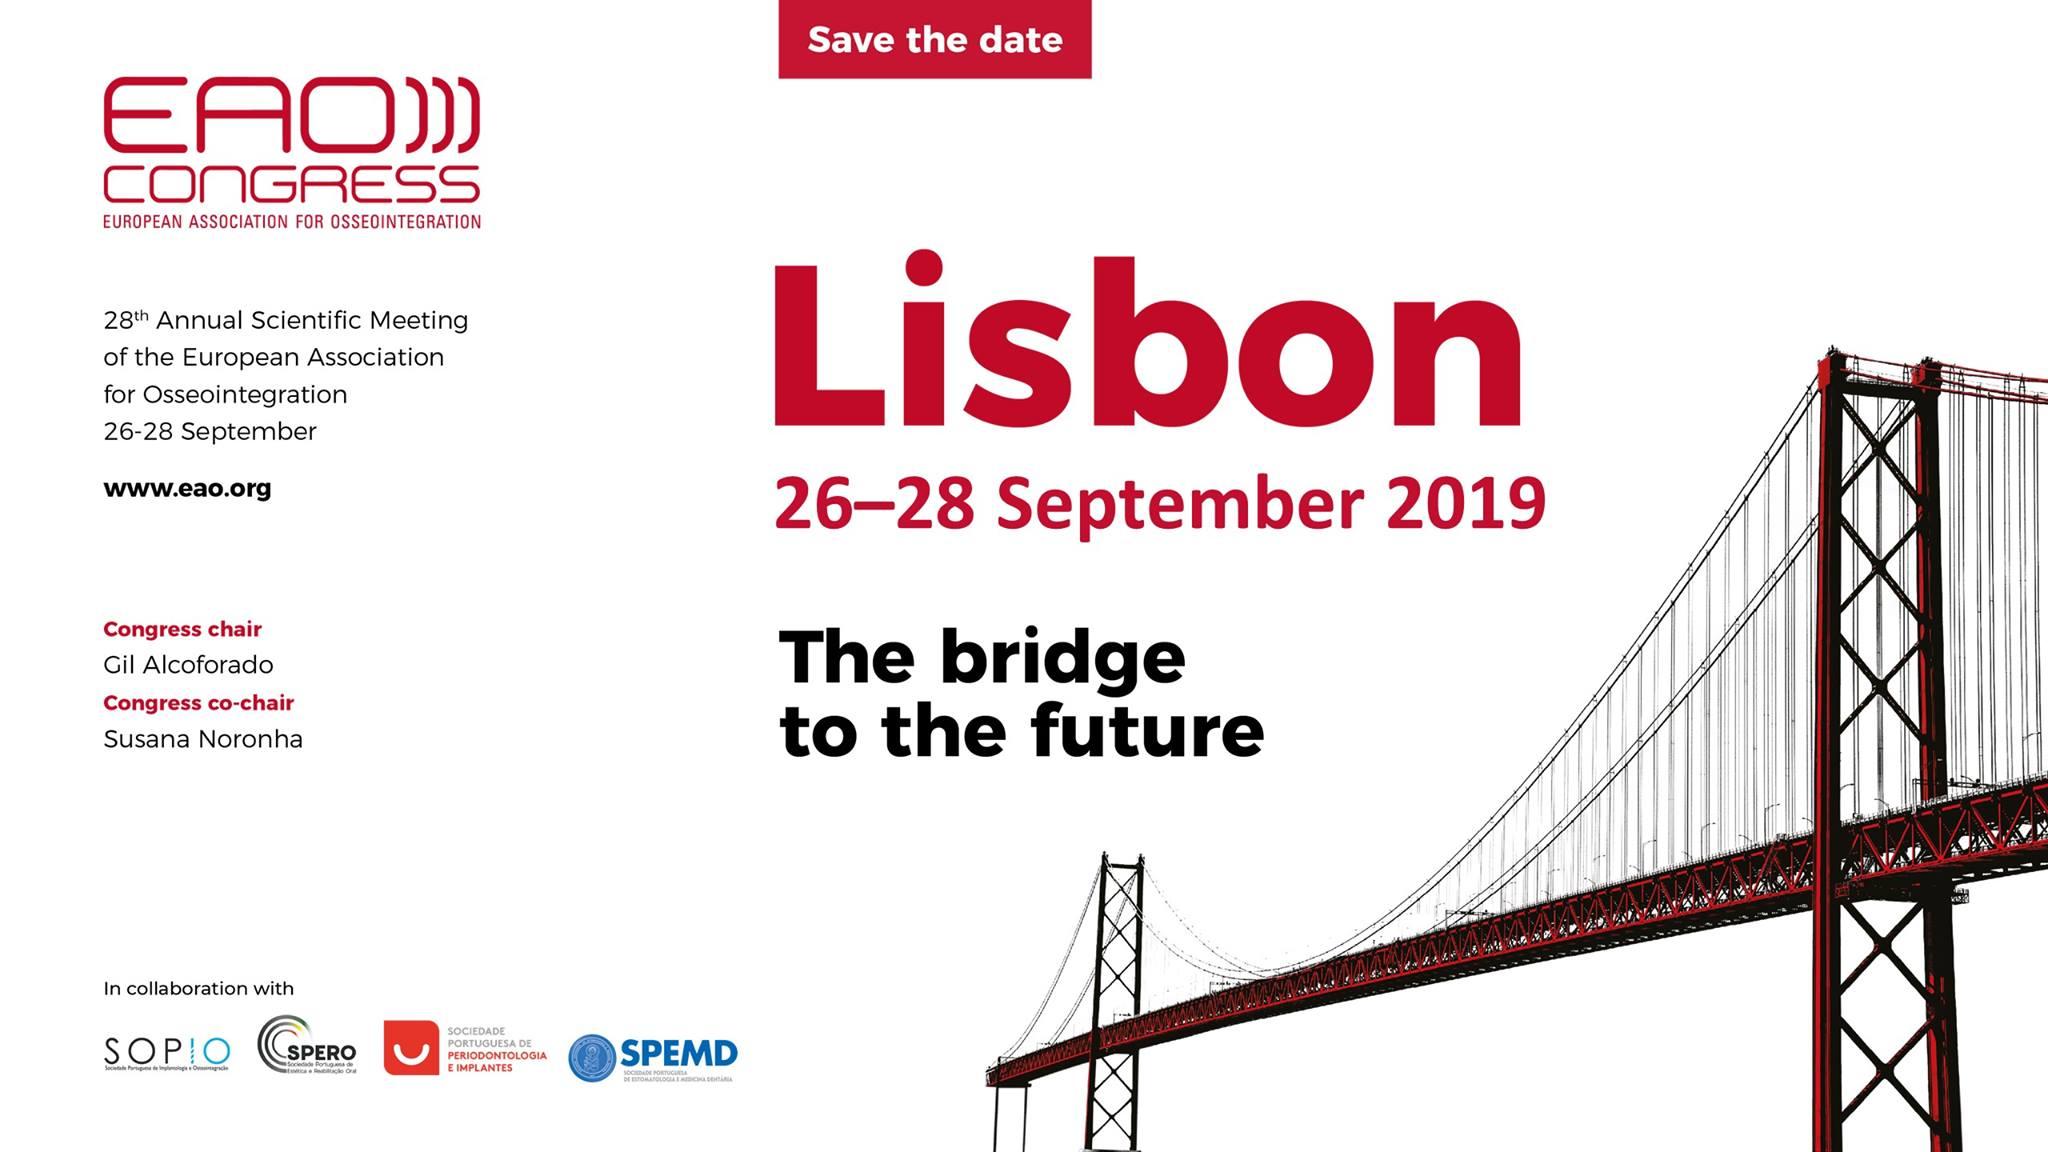 28a reunión científica anual de la EAO dental innovation calendar